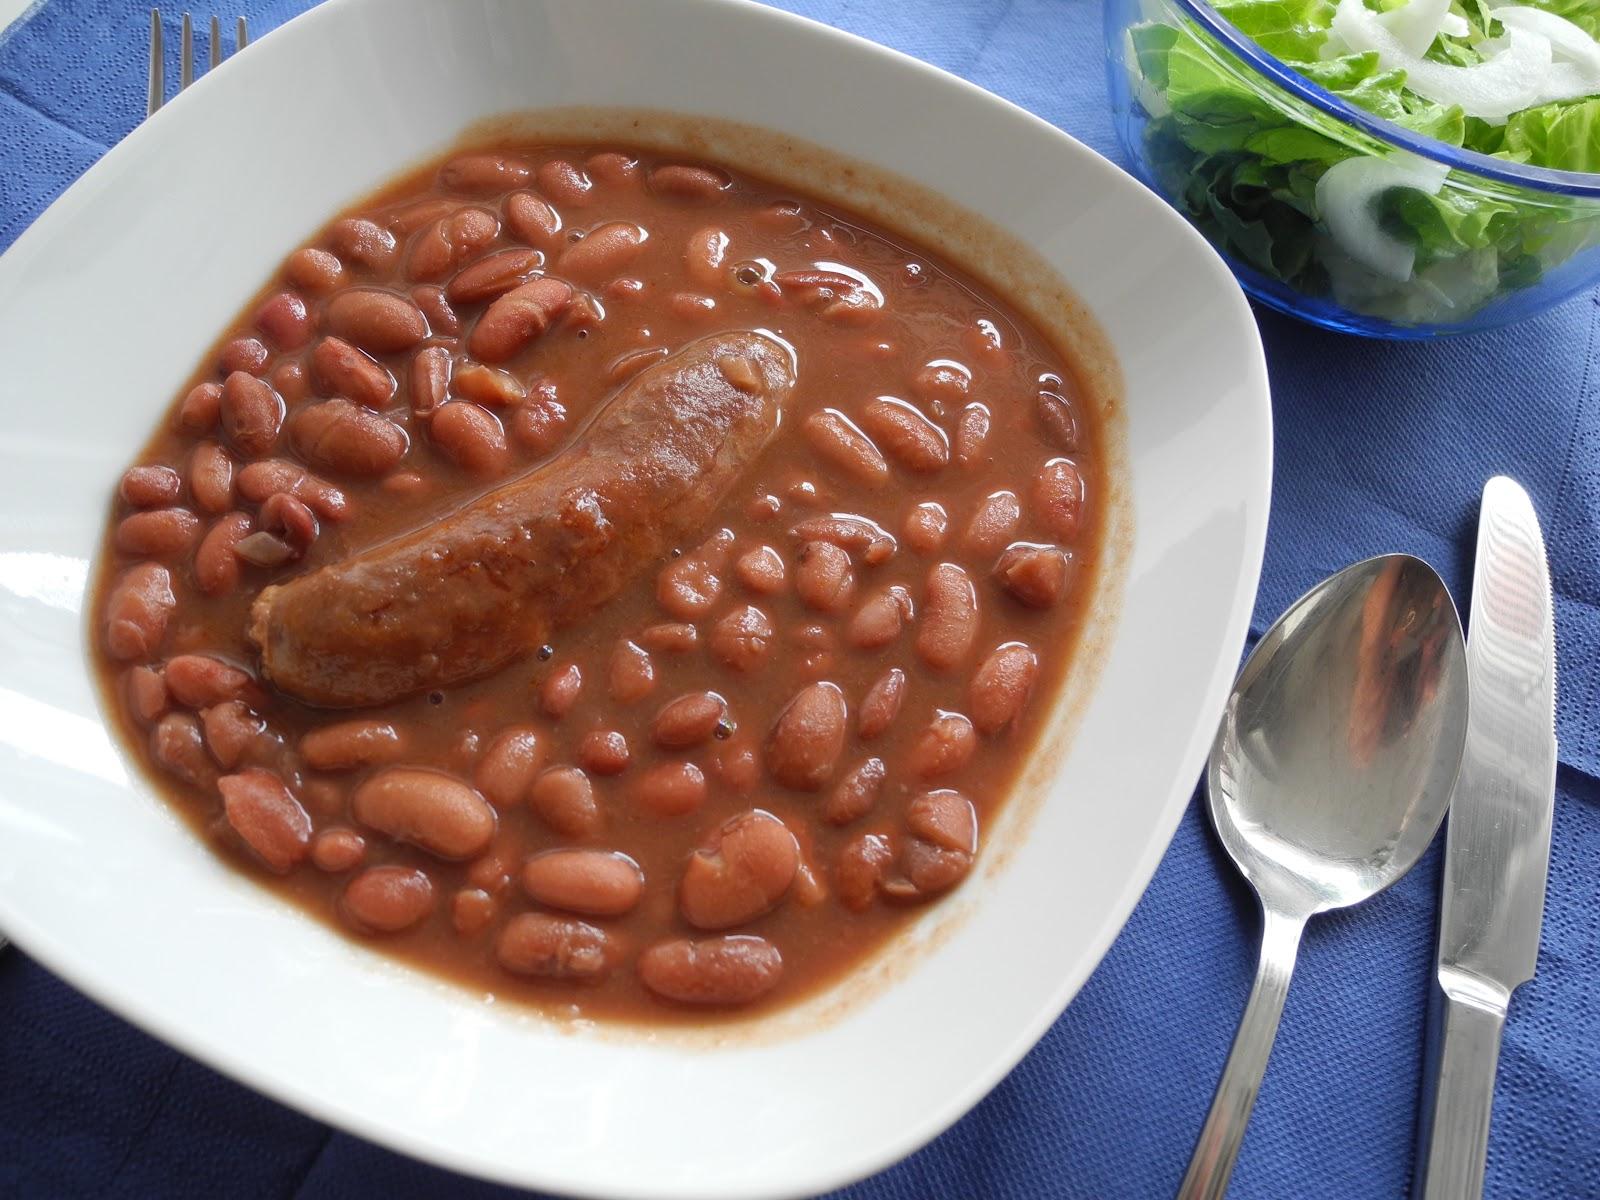 Lapikoan 1001 recetas de cocina primeros platos - Alubias rojas con costilla ...